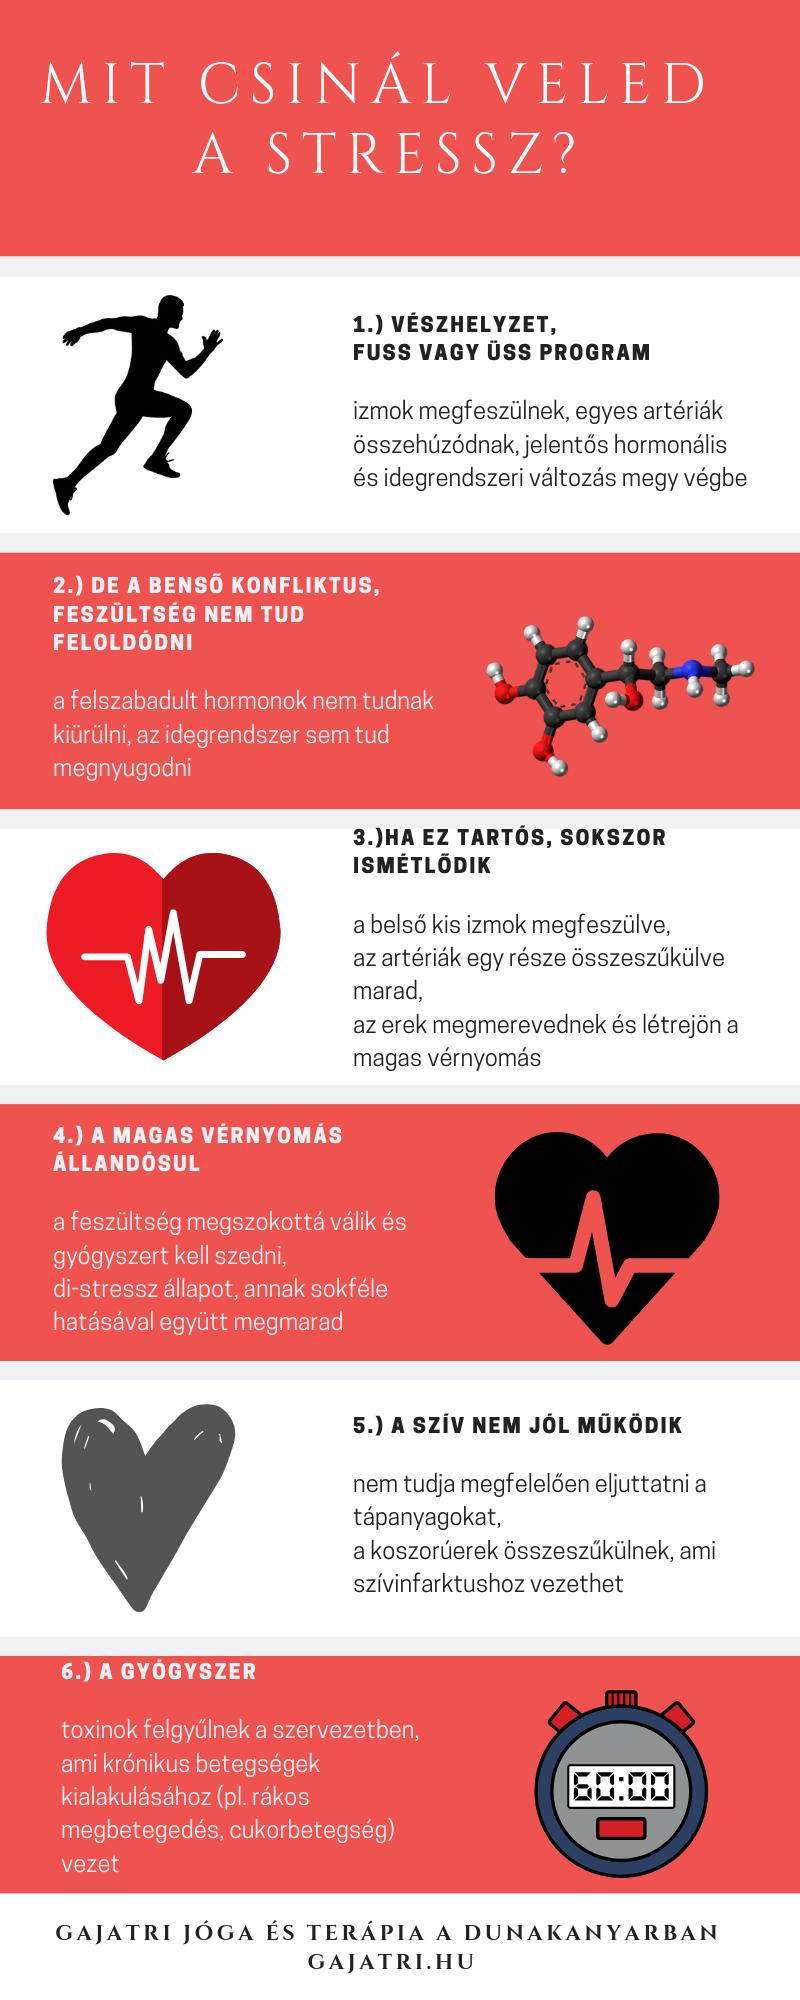 gyógyszeres masszázs magas vérnyomás ellen egészségügyi magas vérnyomás hogyan kell kezelni